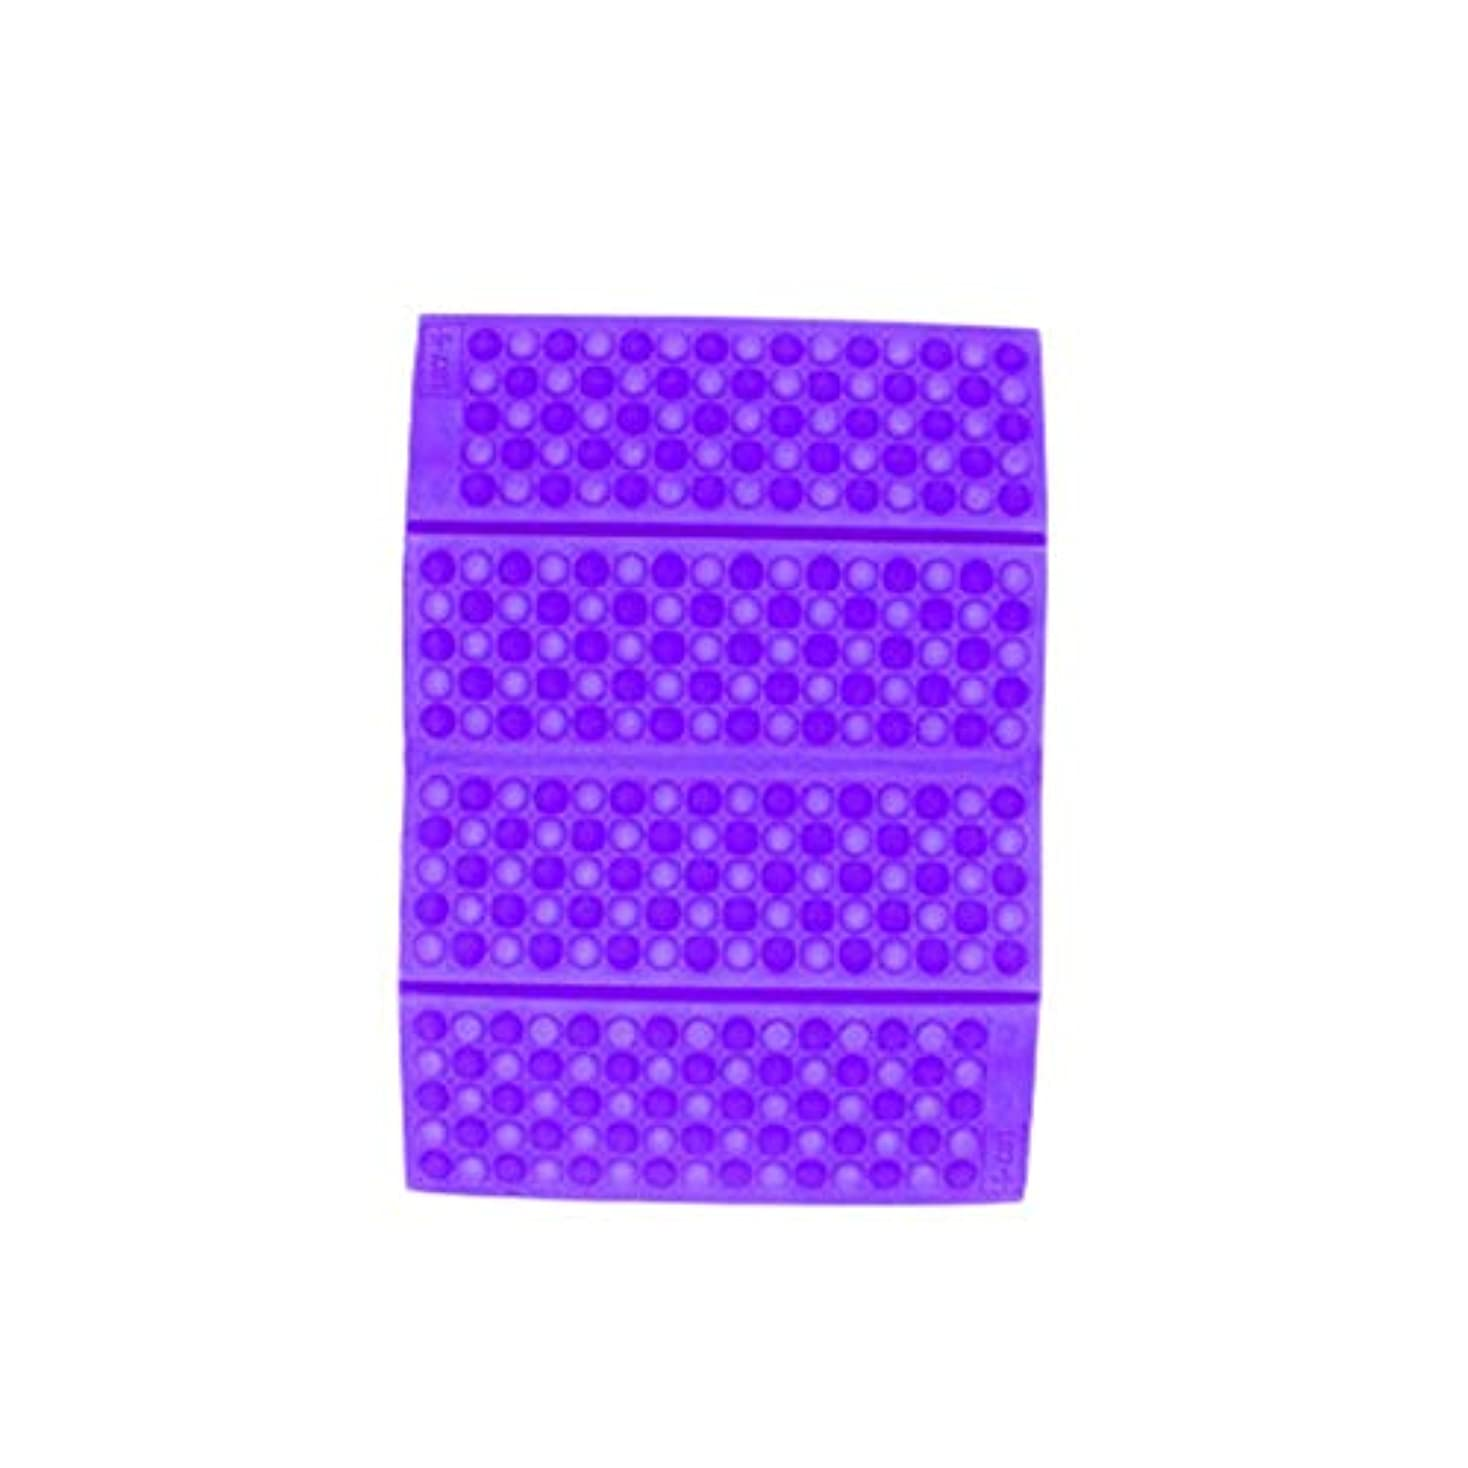 ライド対抗トンポータブルXPE防湿ハニカムクッションパープル-パープル